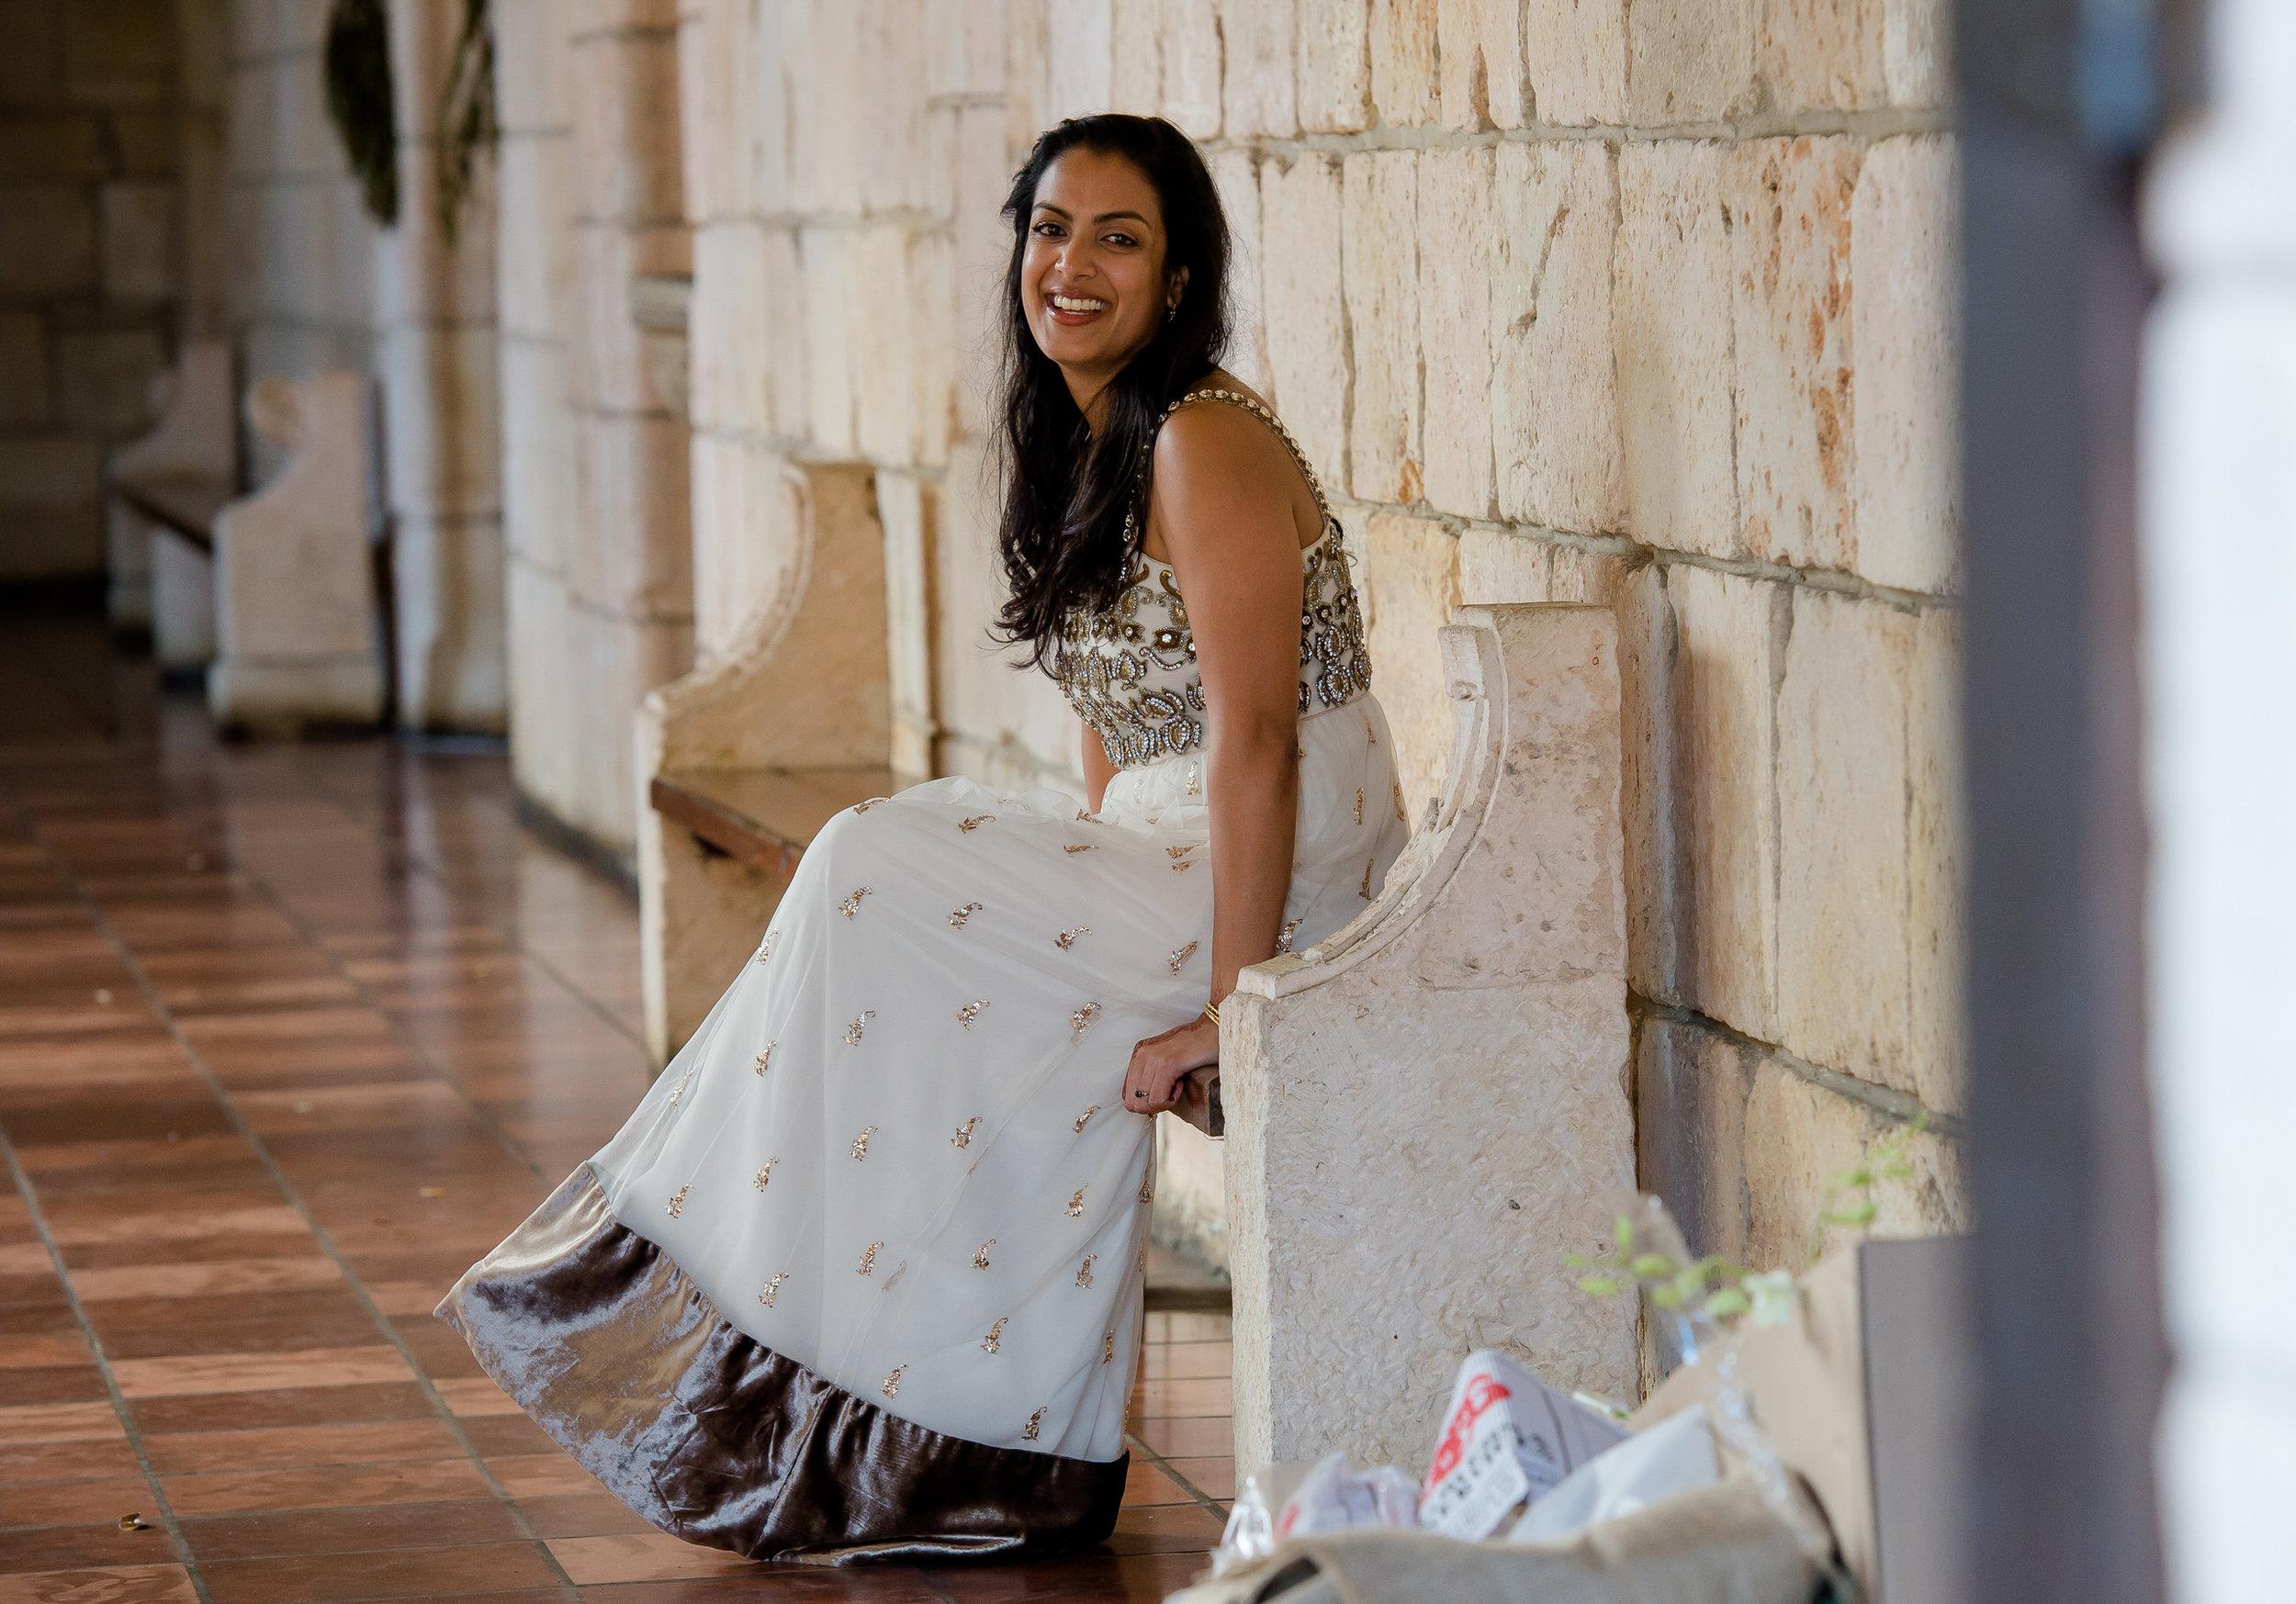 gorgeous-bride-smiling-spanish-monastery-miami-tiny-house-photo.jpg